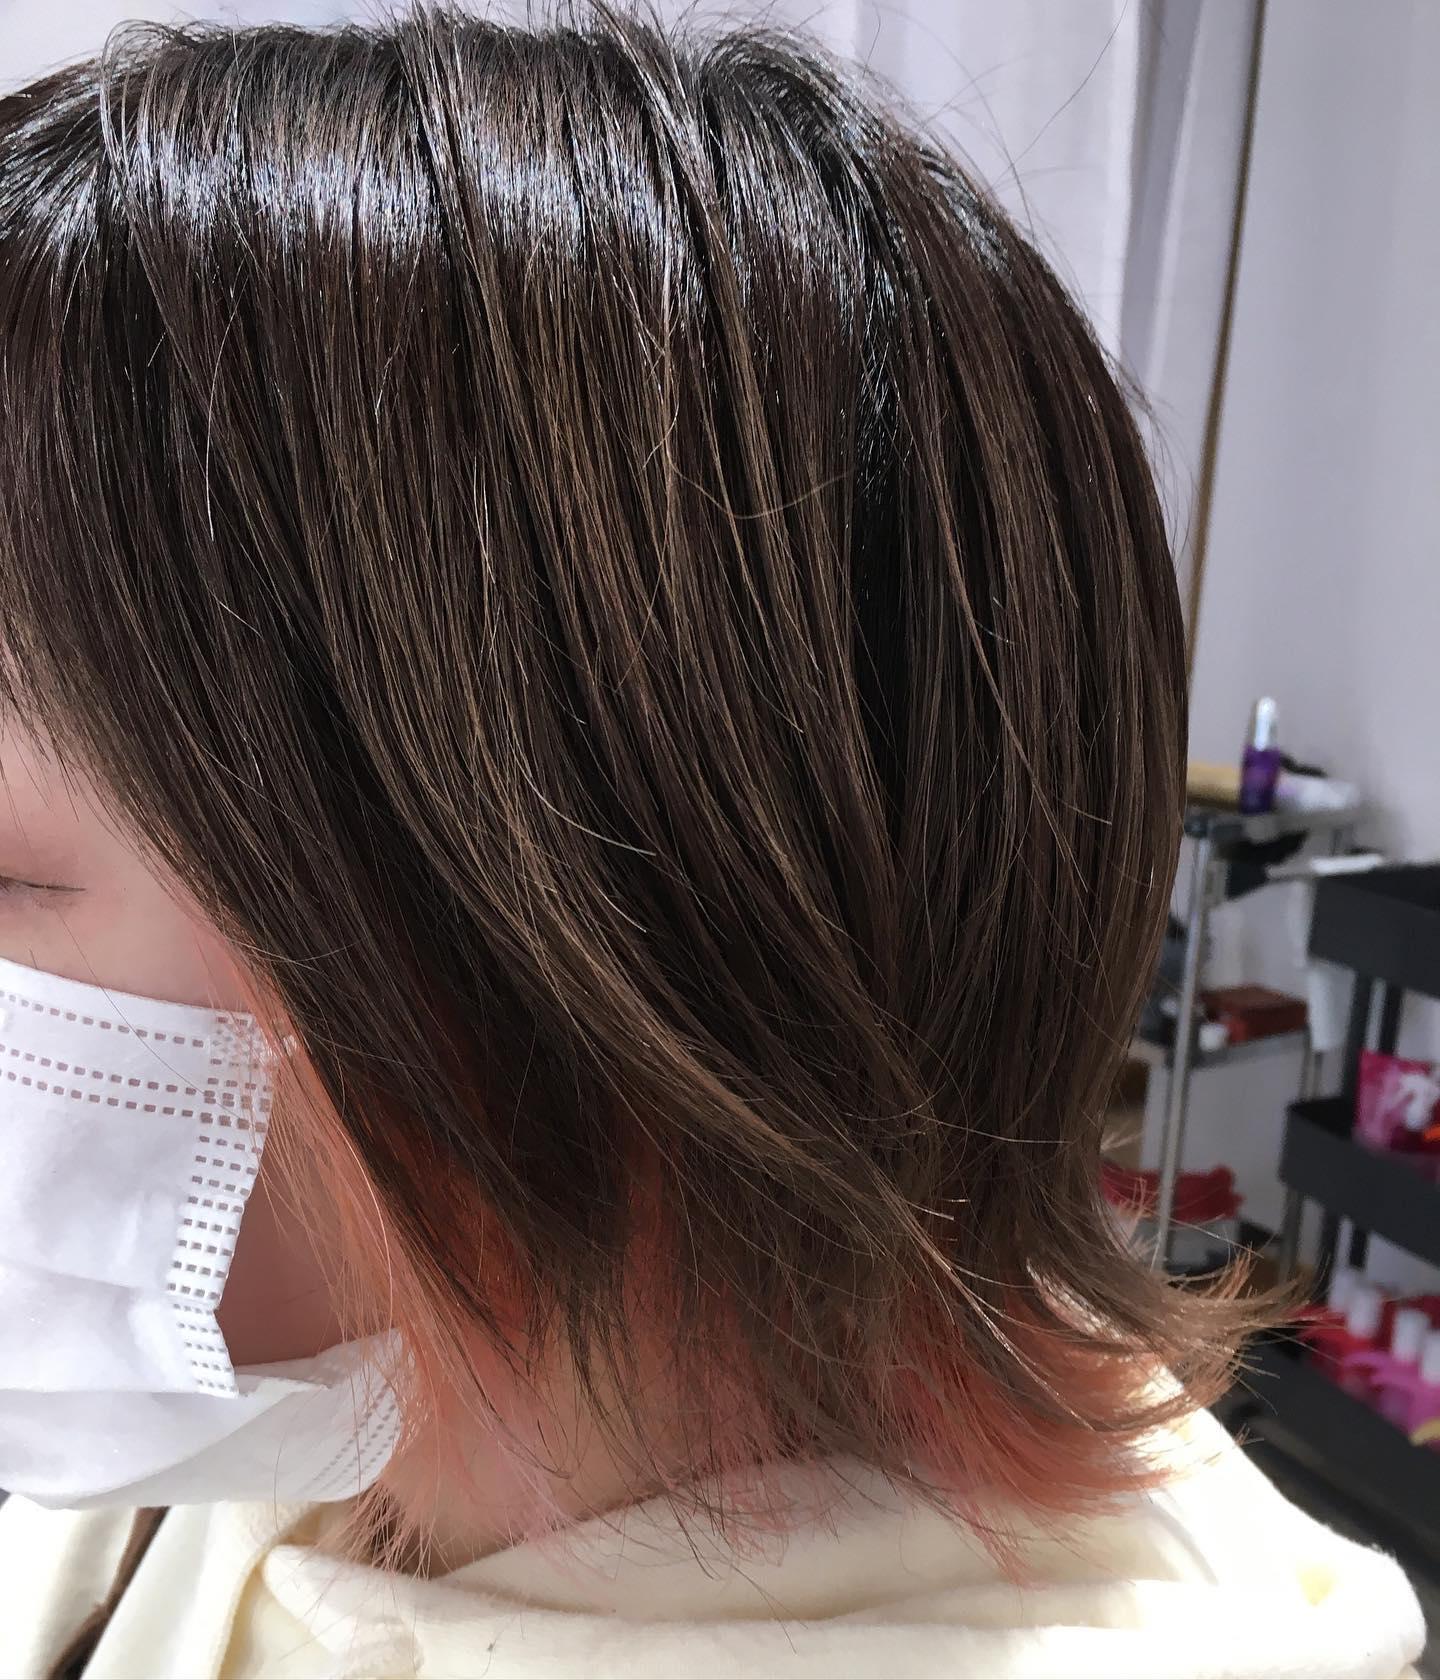 Totti Totti hair design平日  10:00〜20:00lastcut 18:30 other 18:00土日祝  9:00〜19:00lastcut 18:00 other 17:00close  wednesdayインナーのレッドがオレンジに変化まだまだ可愛いカラー落ちても楽しめるカラーご提案します#totti#perm #cut #hairstyle #haircolor #hairarrange #stylist #care #carelist #aujua #イルミナカラー #headspa #treatment #美容院#着付け